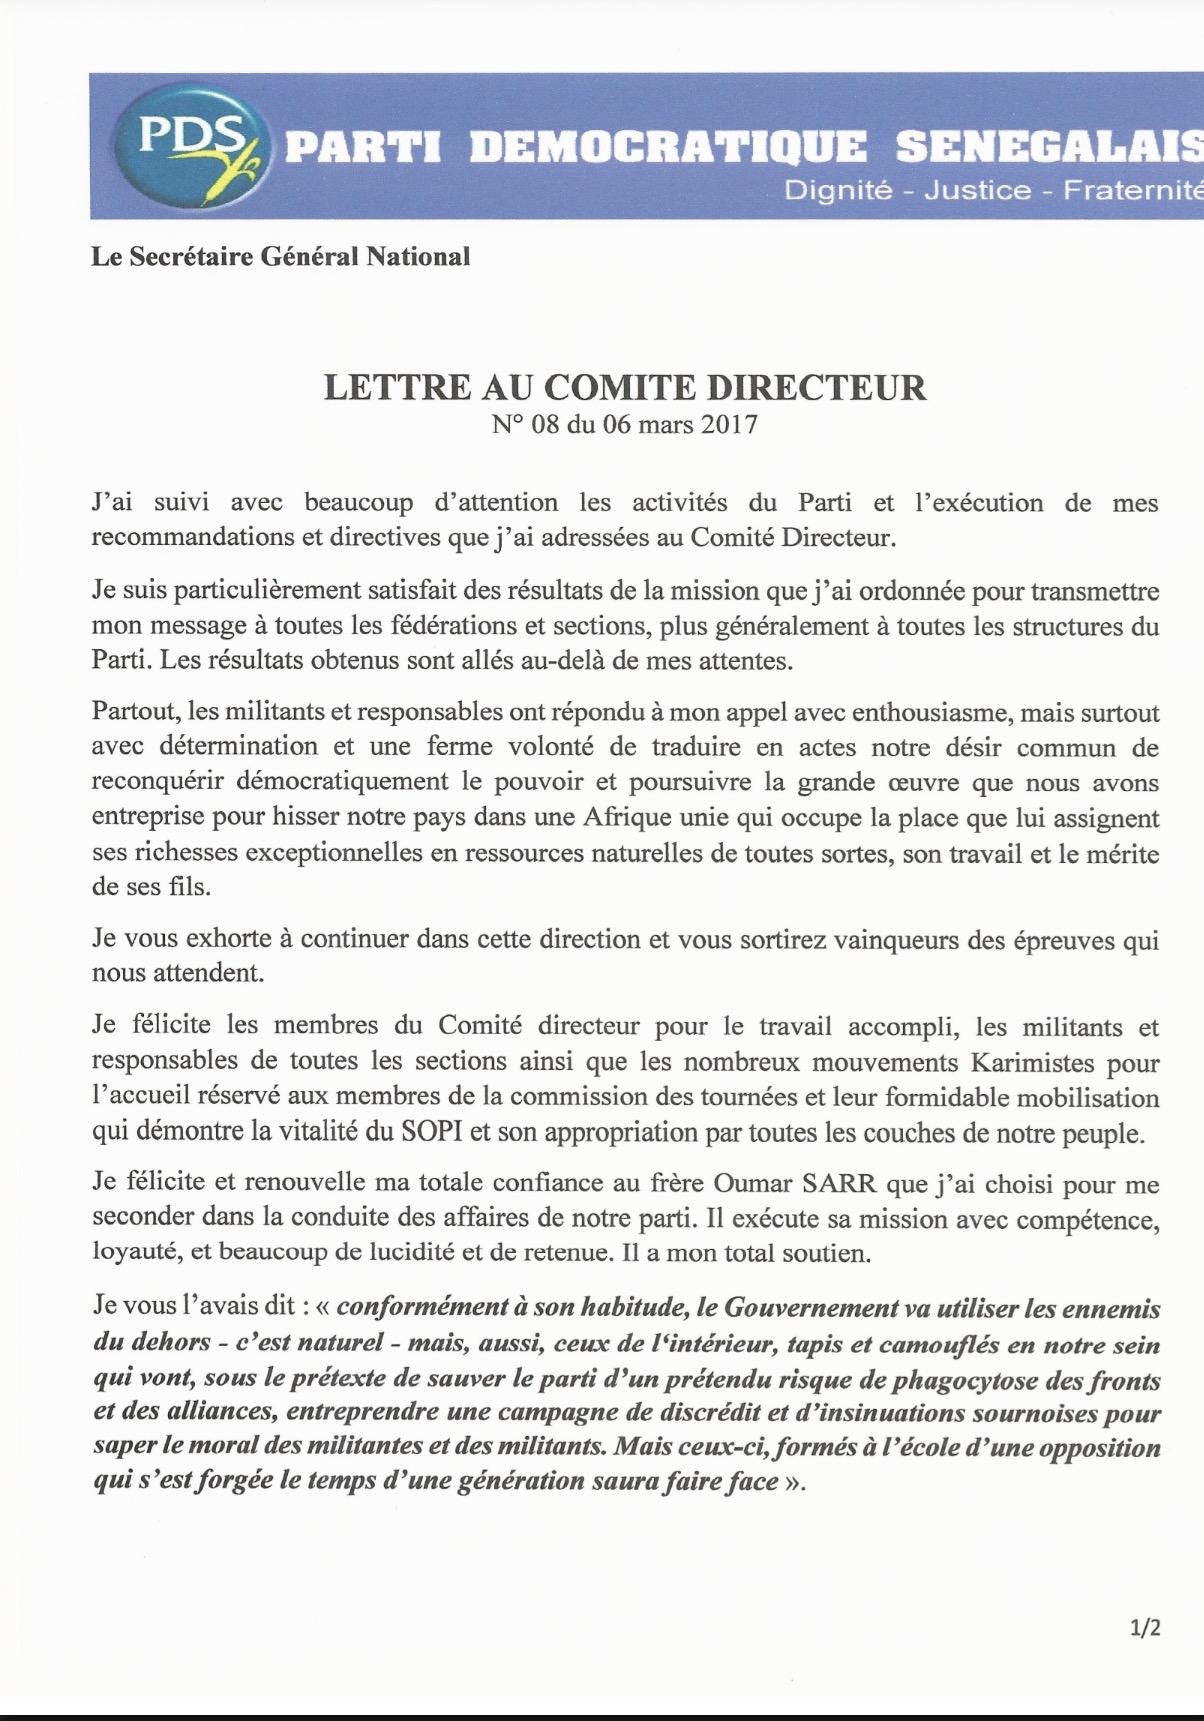 (DOCUMENT) Lettre du Président Abdoulaye Wade aux responsables et militants du Parti Démocratique Sénégalais (PDS)